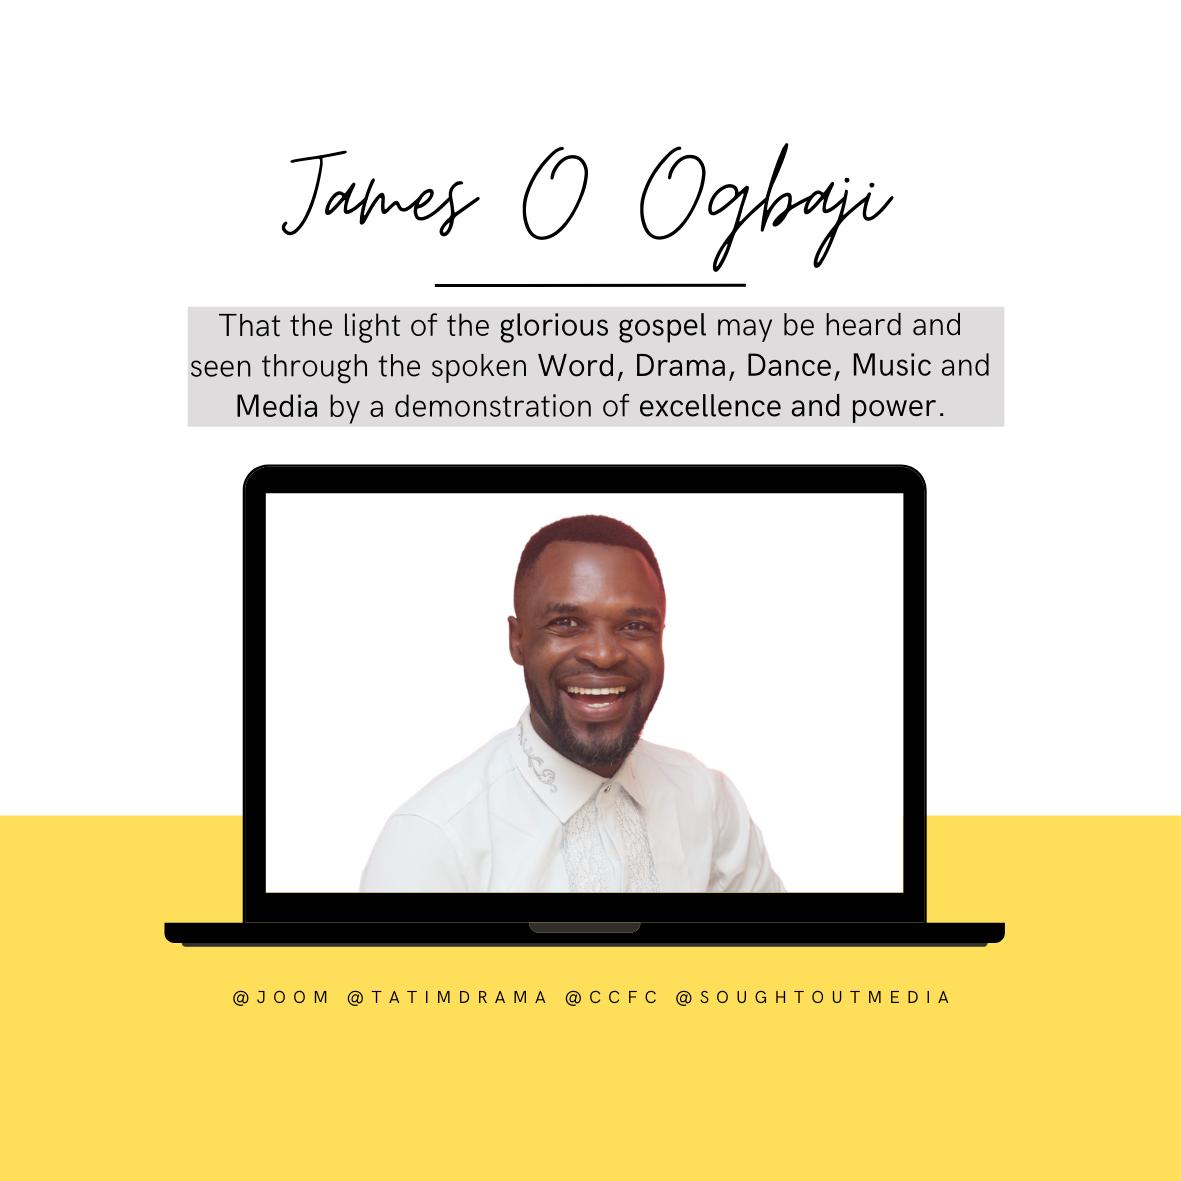 James O Ogbaji